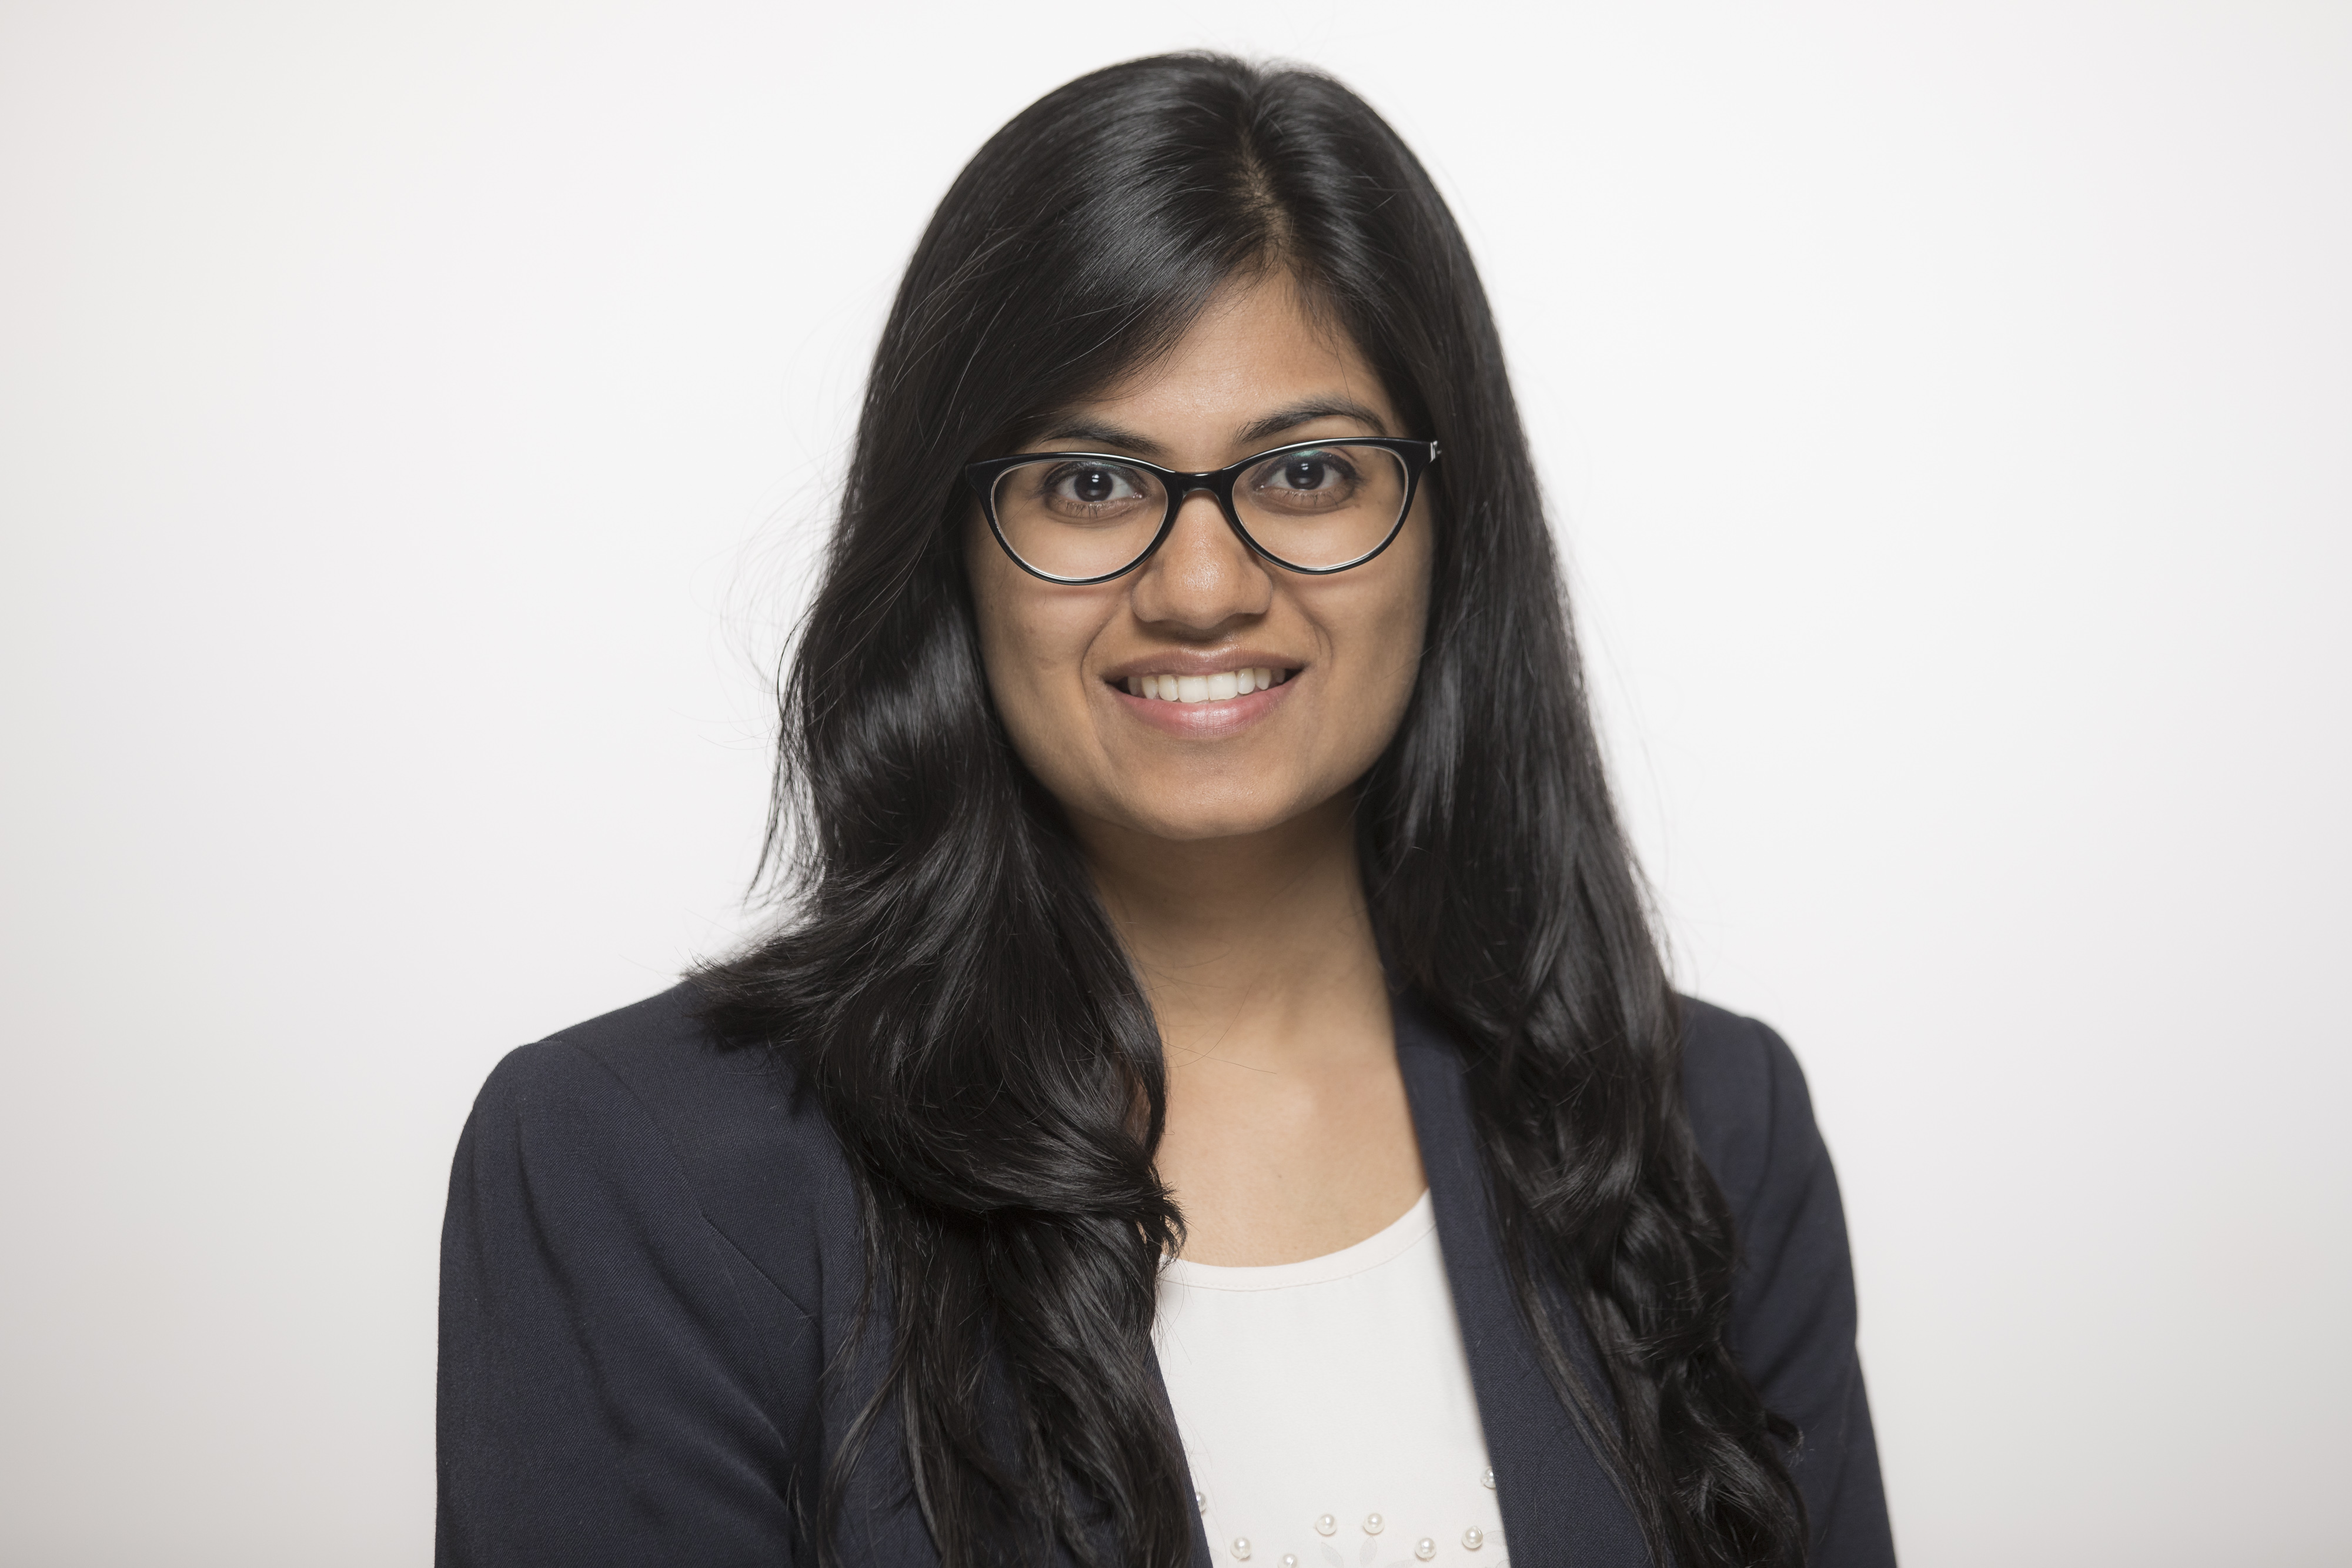 Arushi Gupta